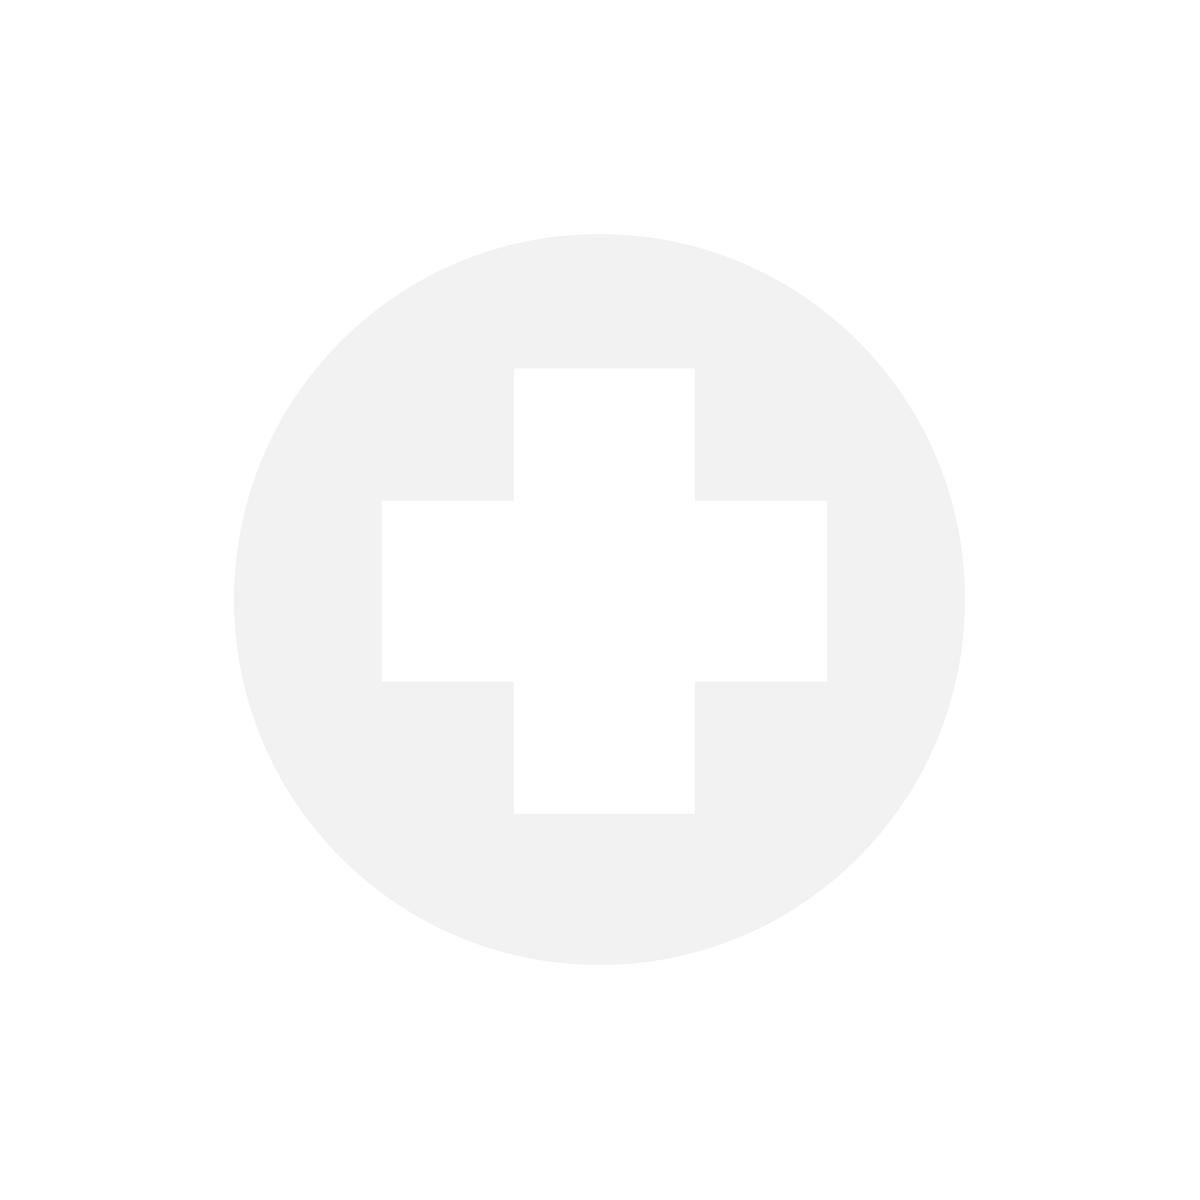 Pâte à Malaxer (résistance au choix)